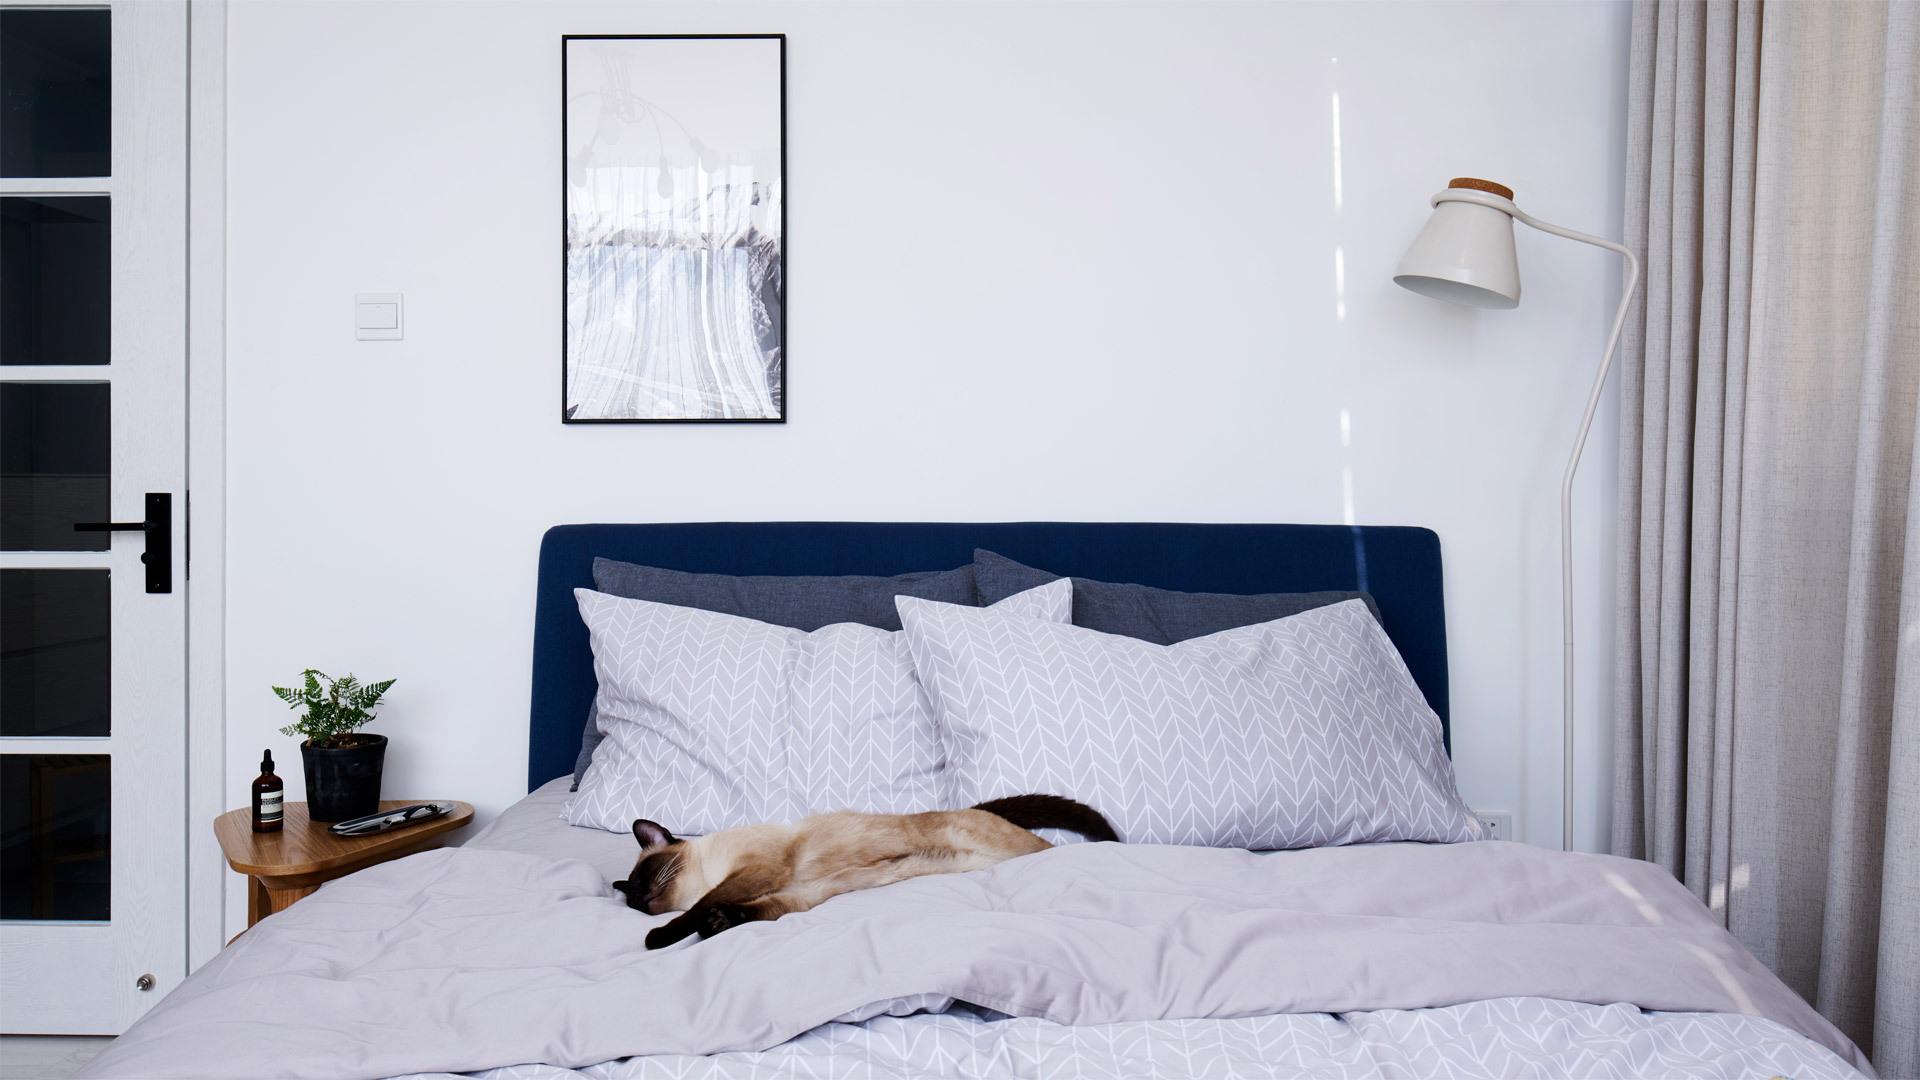 实景示范,品质卧室丝滑保证